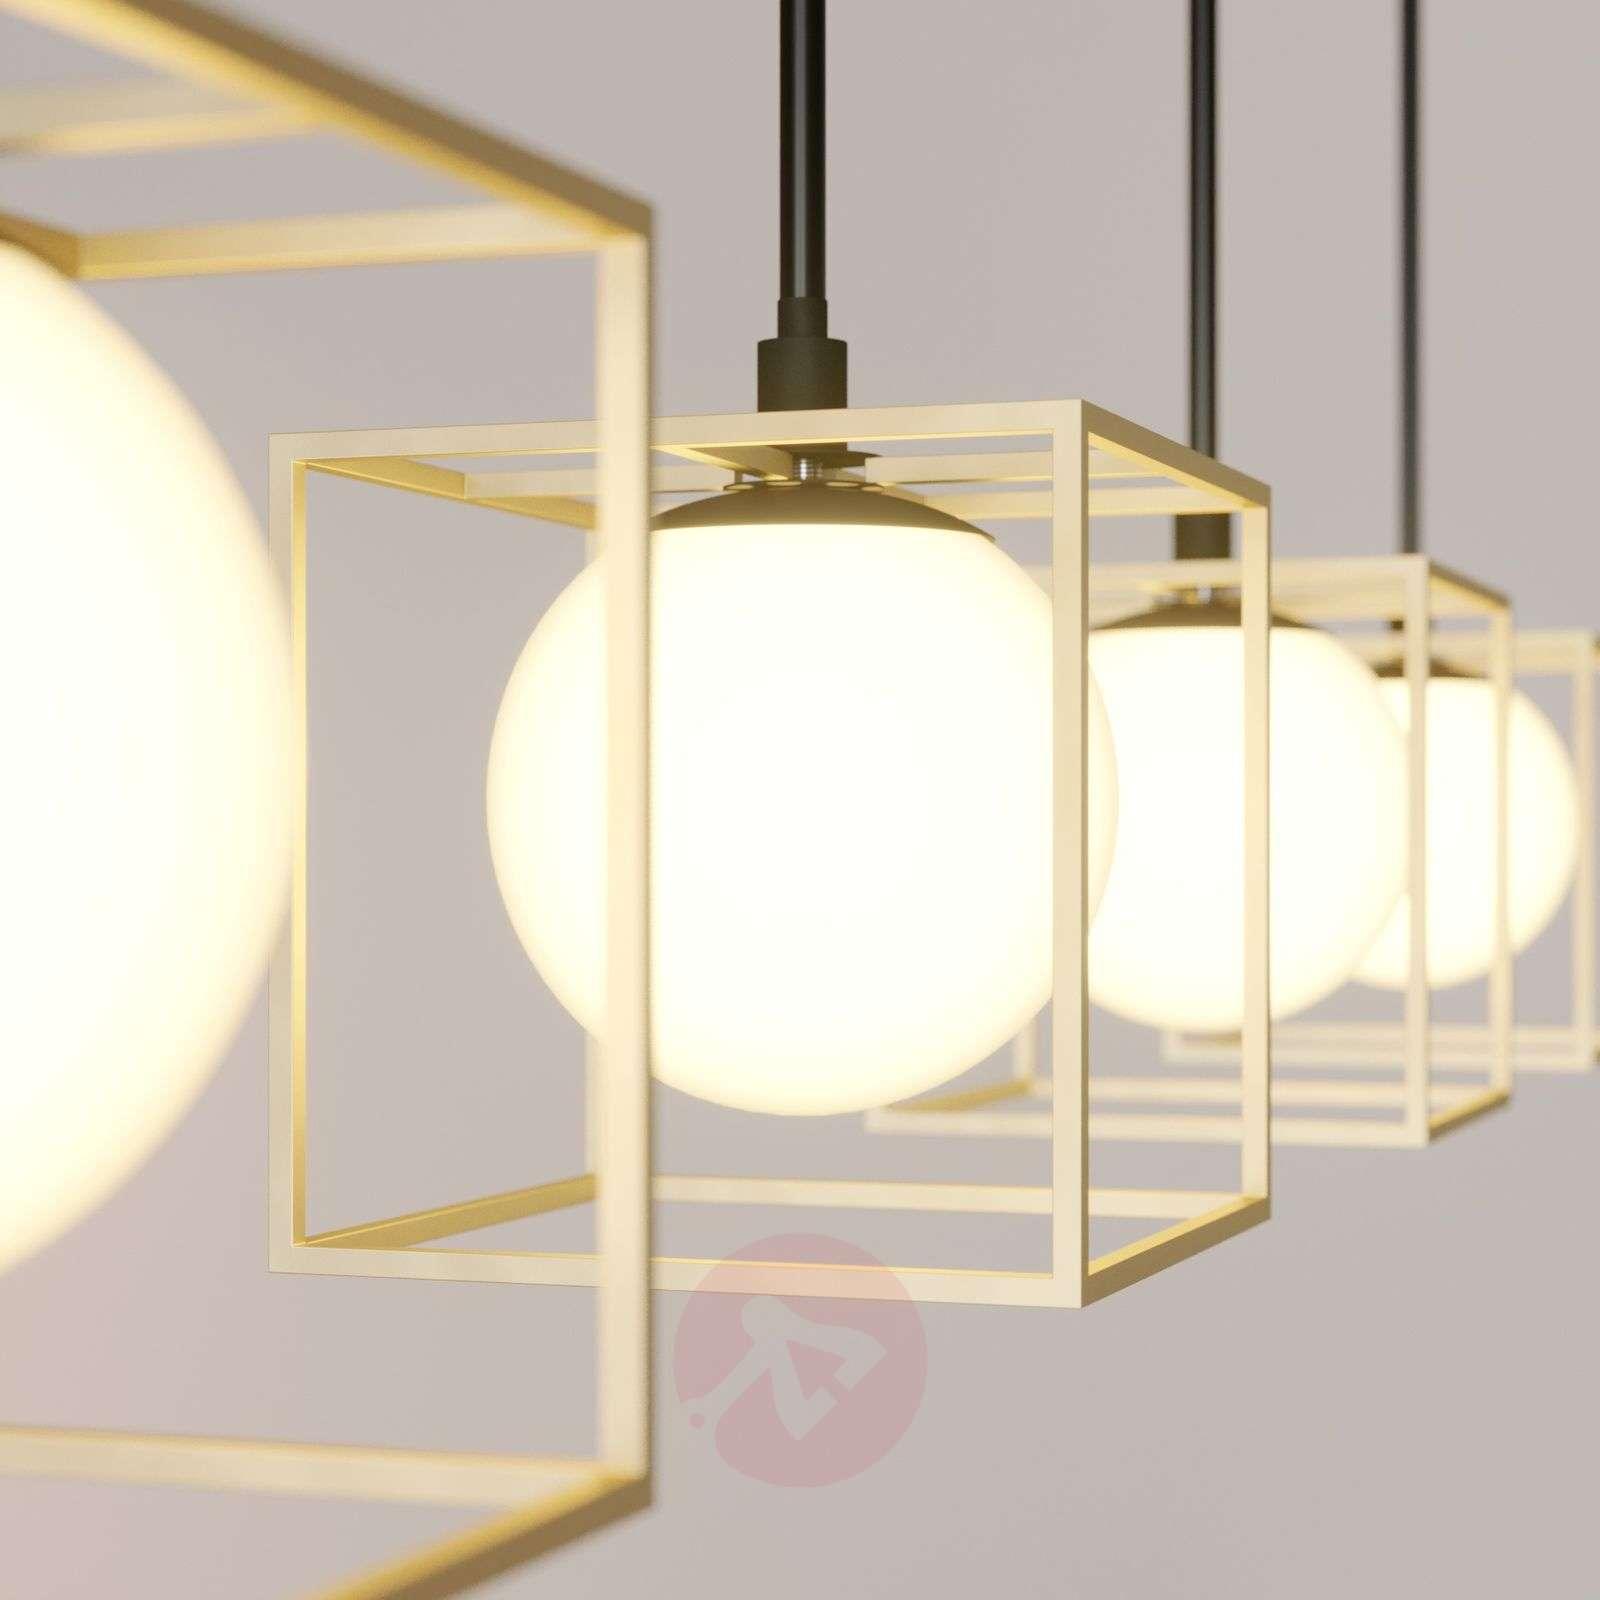 Riippuvalo Aloam, häkit ja lasipallot, 4-lampp.-9624443-02